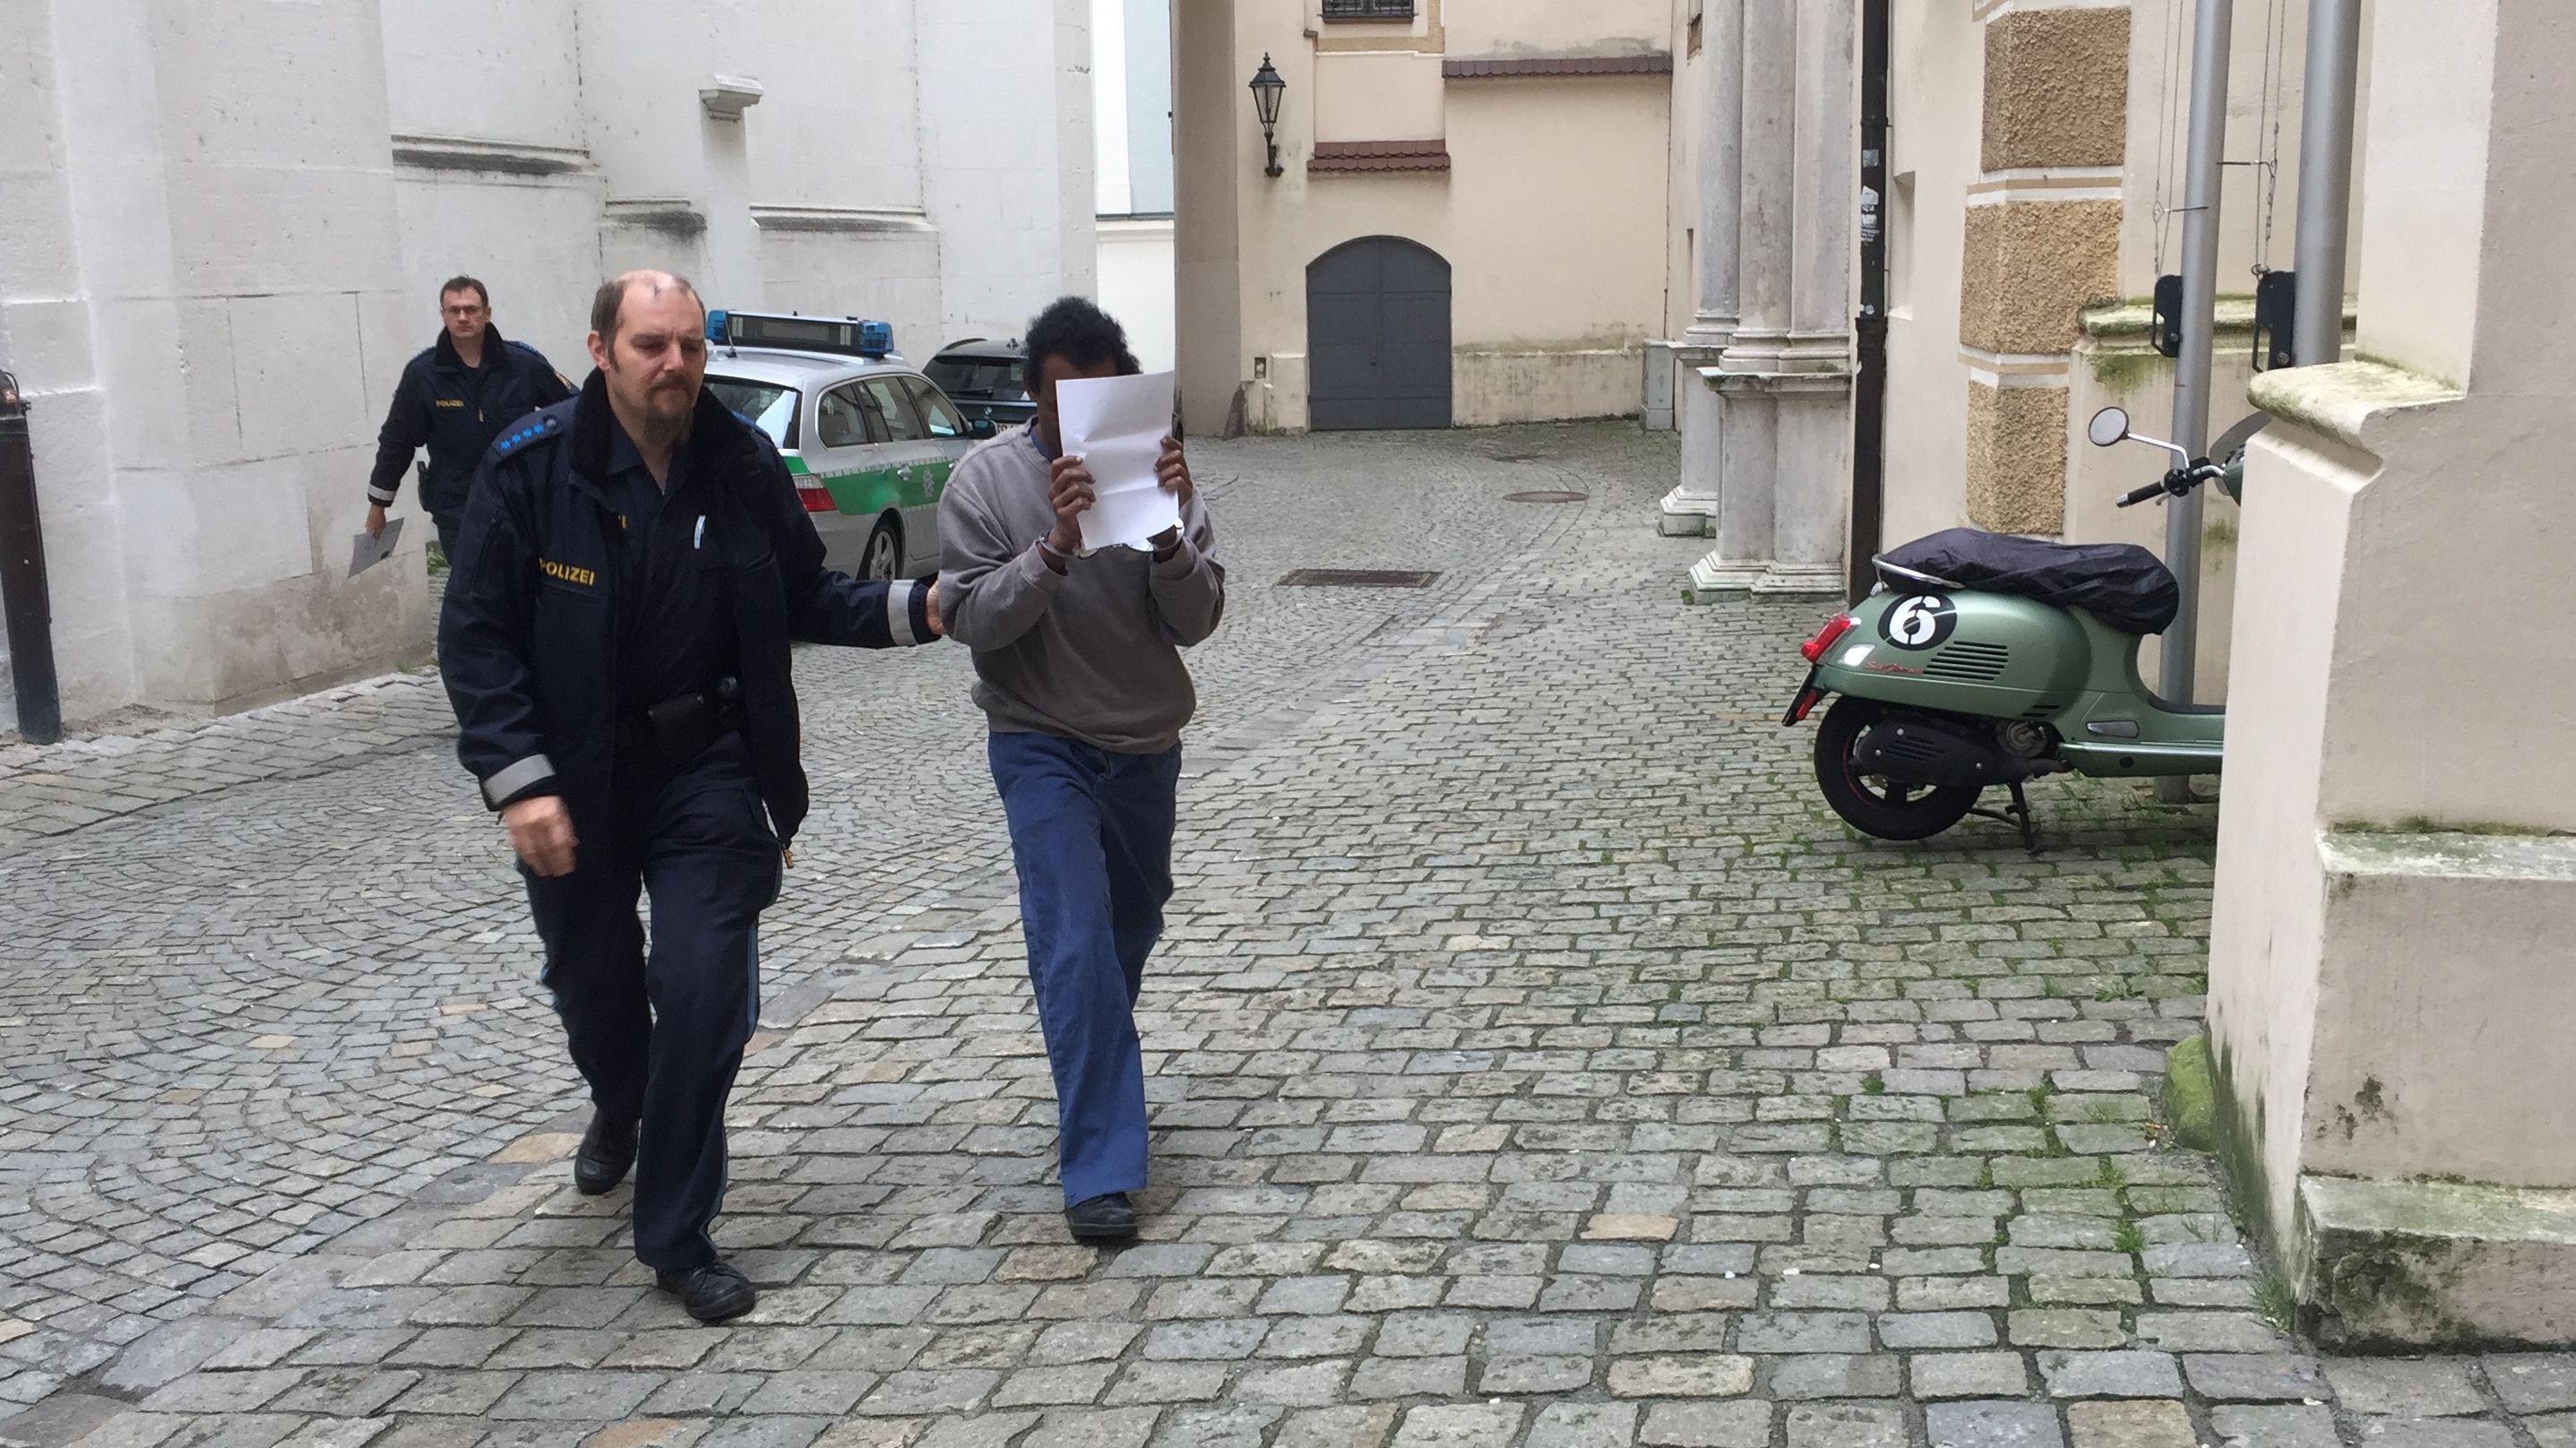 Der Angeklagte wird von der Polizei in das Gerichtsgebäude geführt